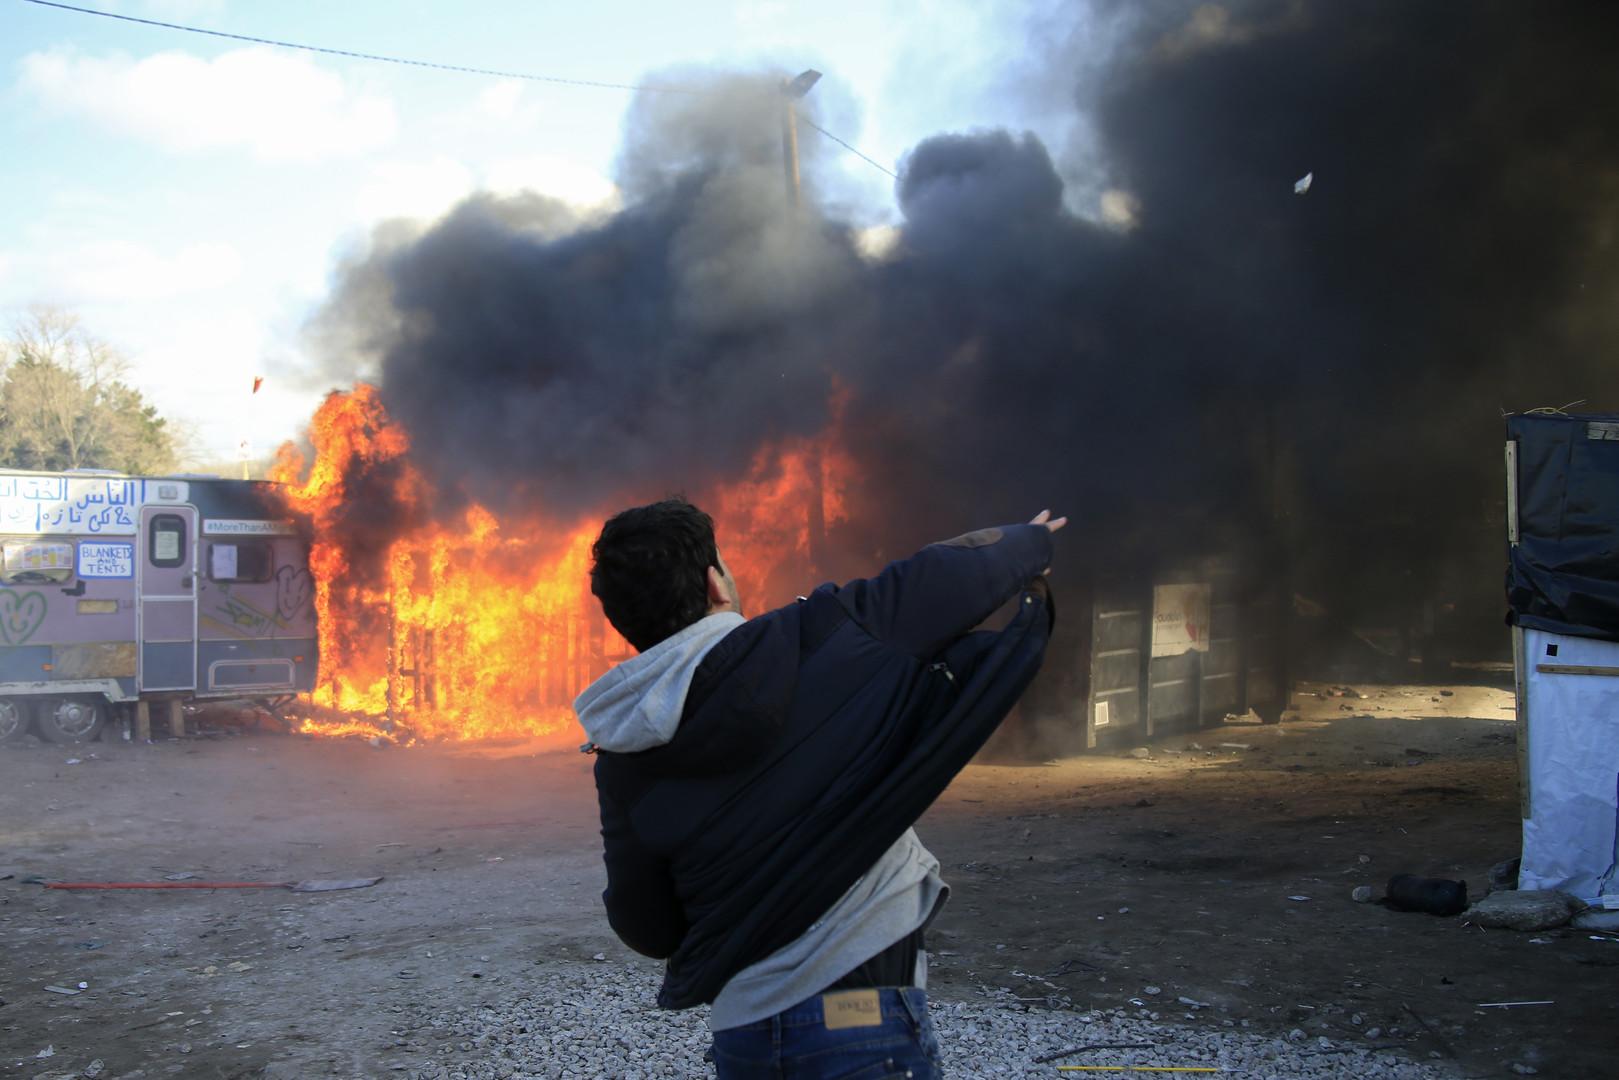 Ein Jugendlicher wirft Steine in die Flammen als Protest gegen die Räumungen